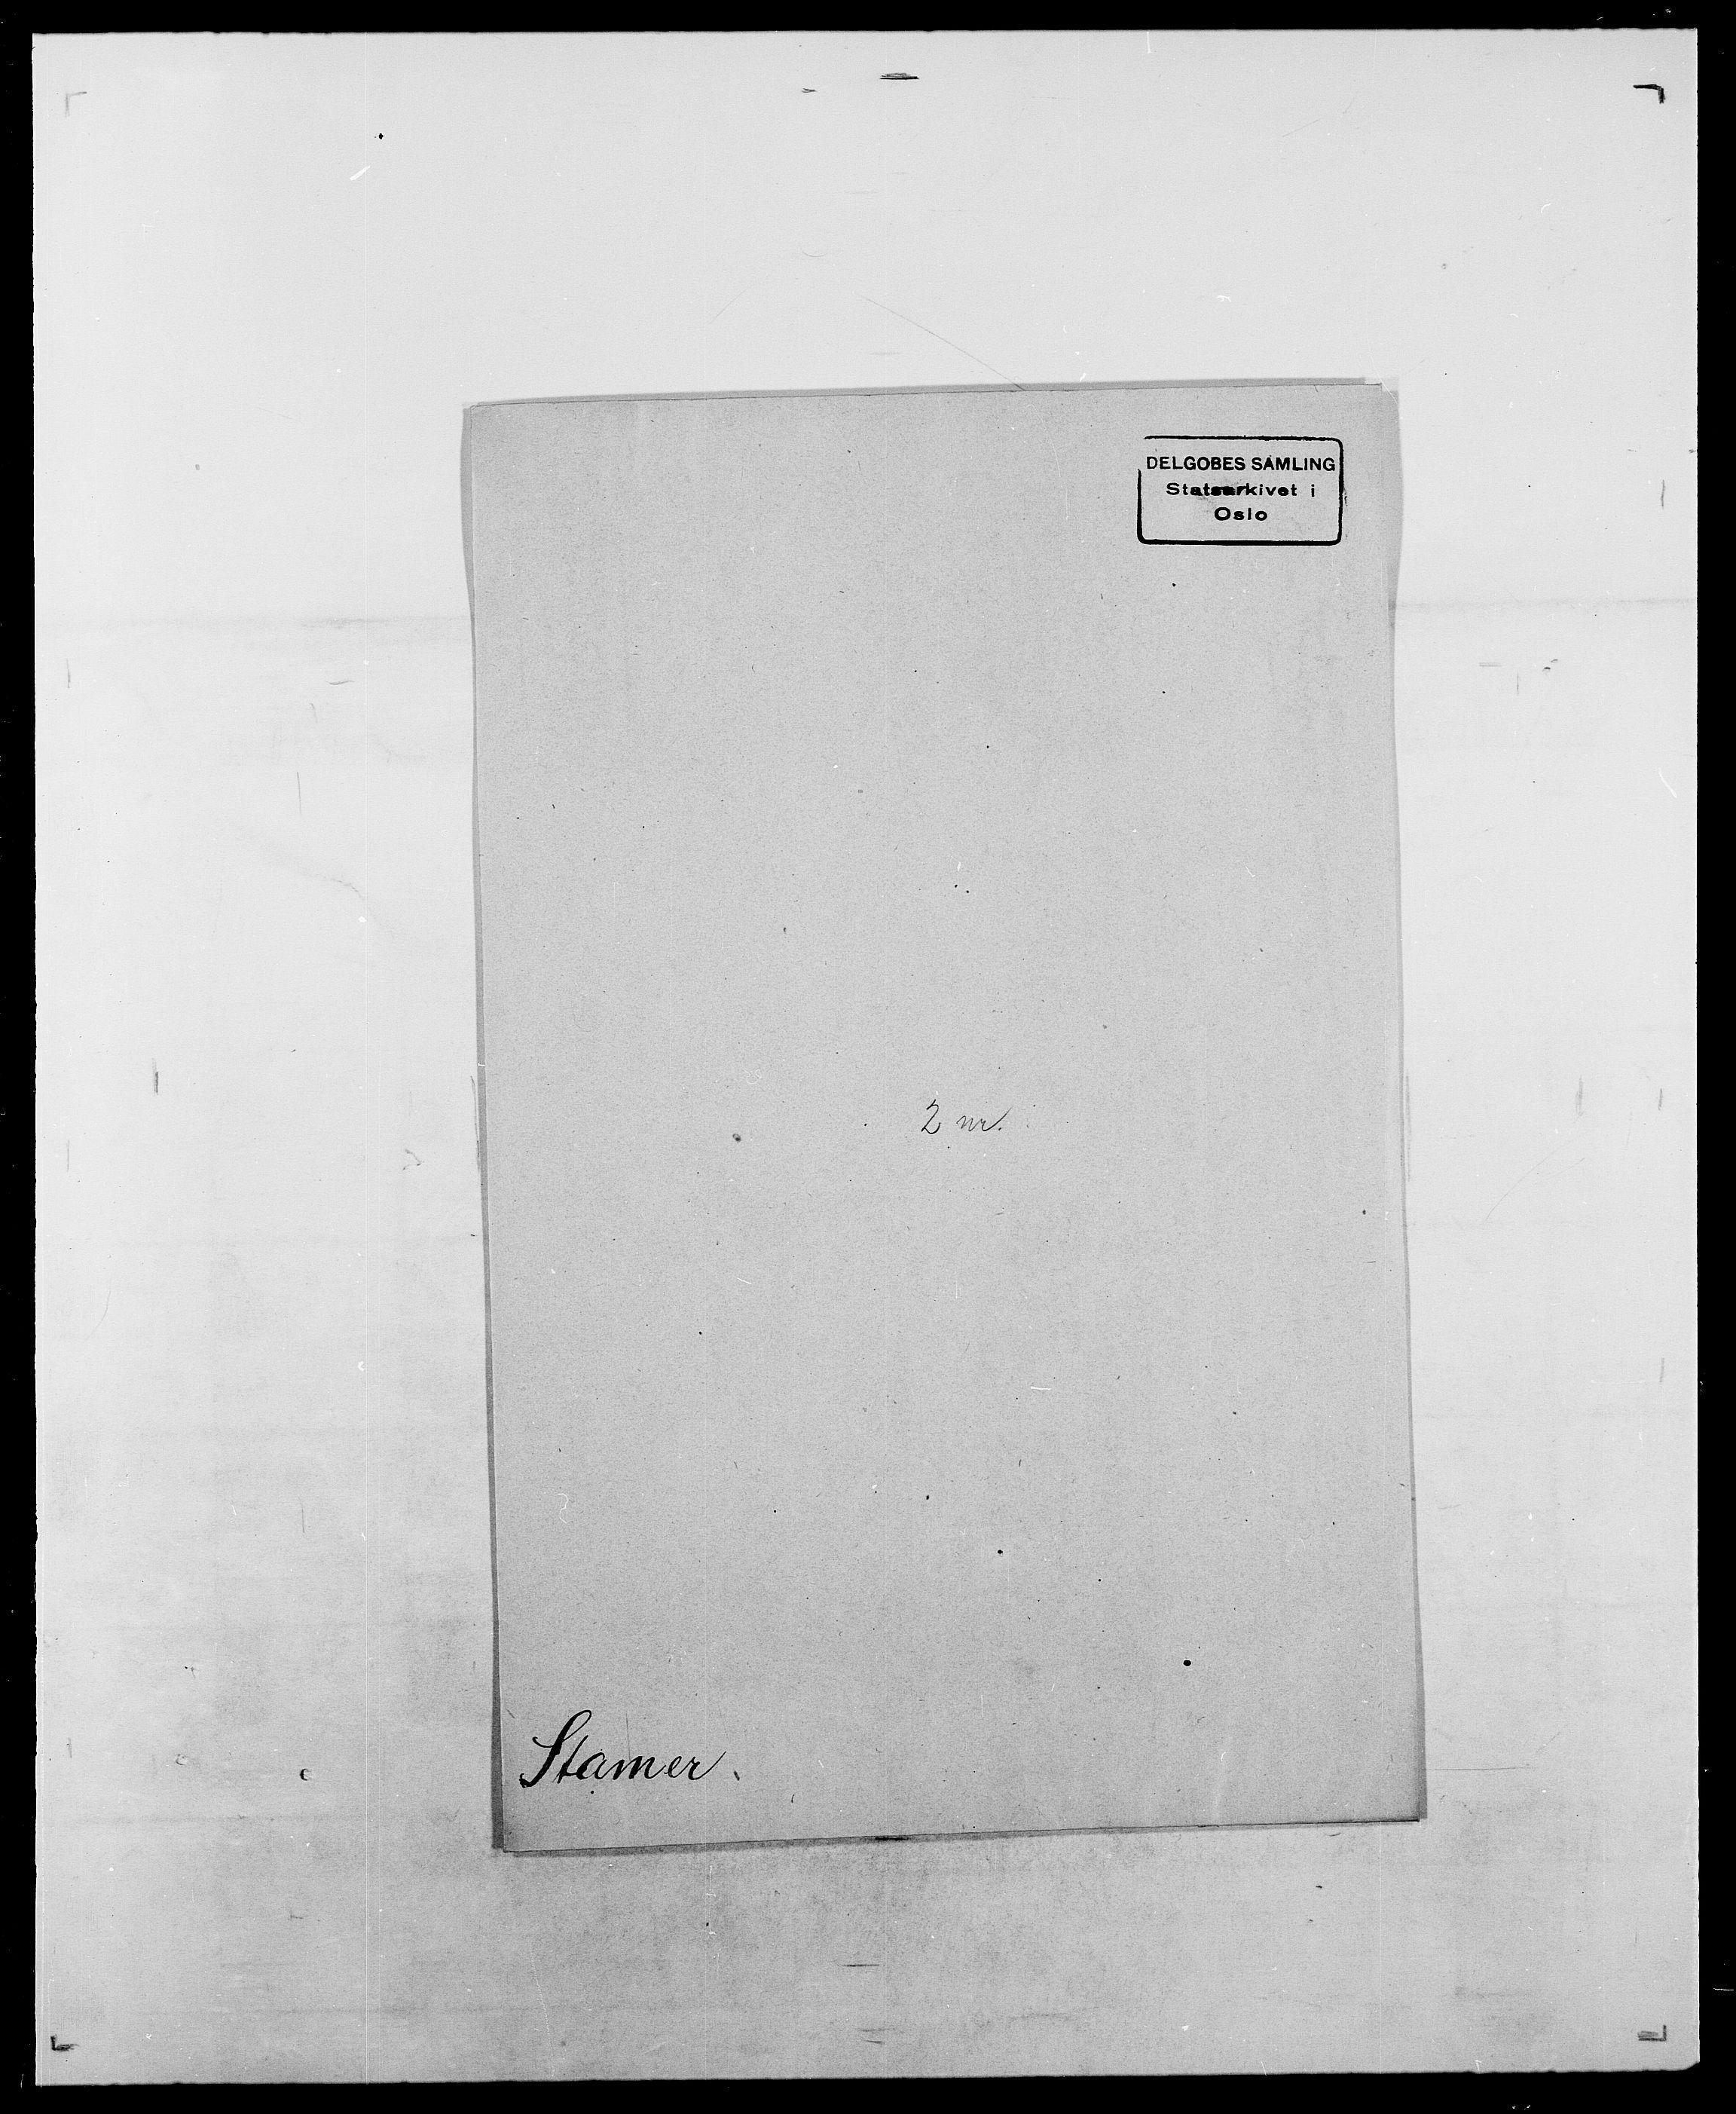 SAO, Delgobe, Charles Antoine - samling, D/Da/L0036: Skaanør - Staverskov, s. 937